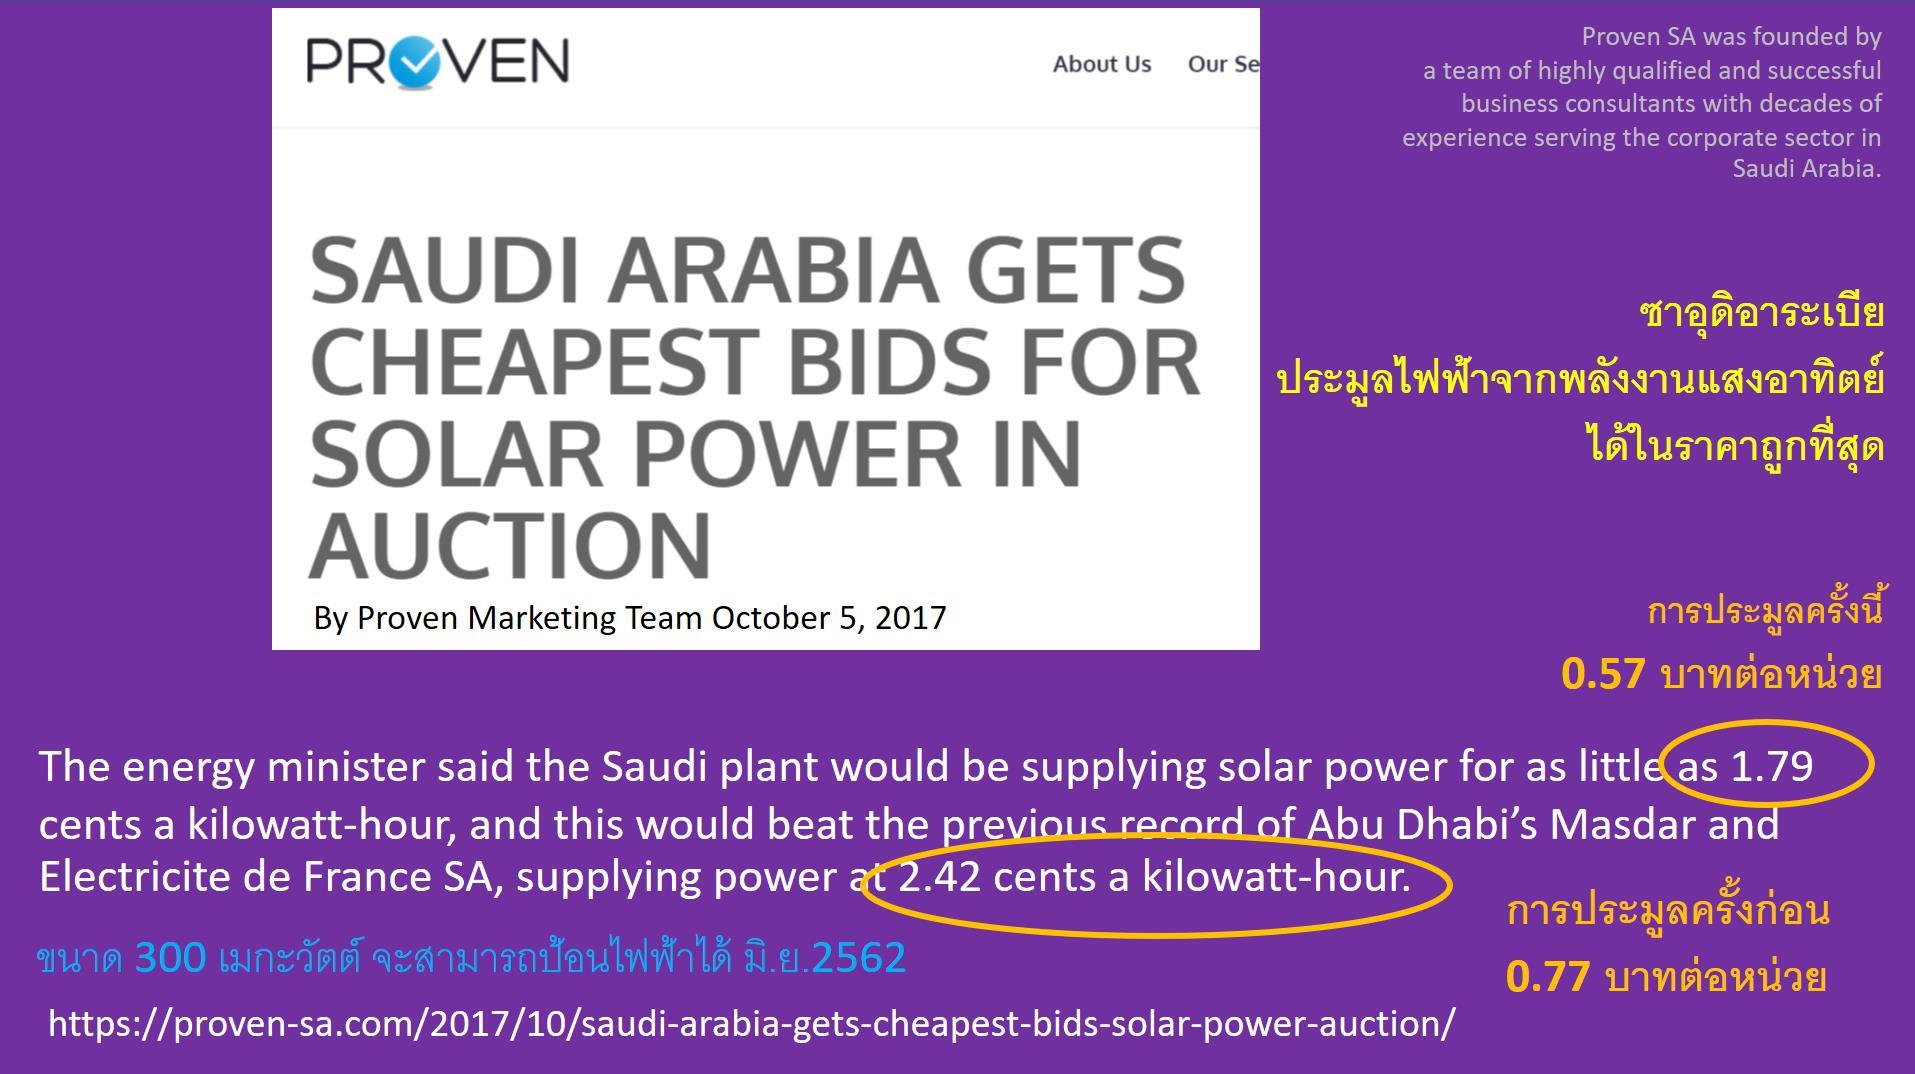 เมื่อซาอุดีอาระเบียจะผลิตไฟฟ้าด้วยแสงแดดและลม...เพราะถูกกว่าใช้ก๊าซและน้ำมัน!